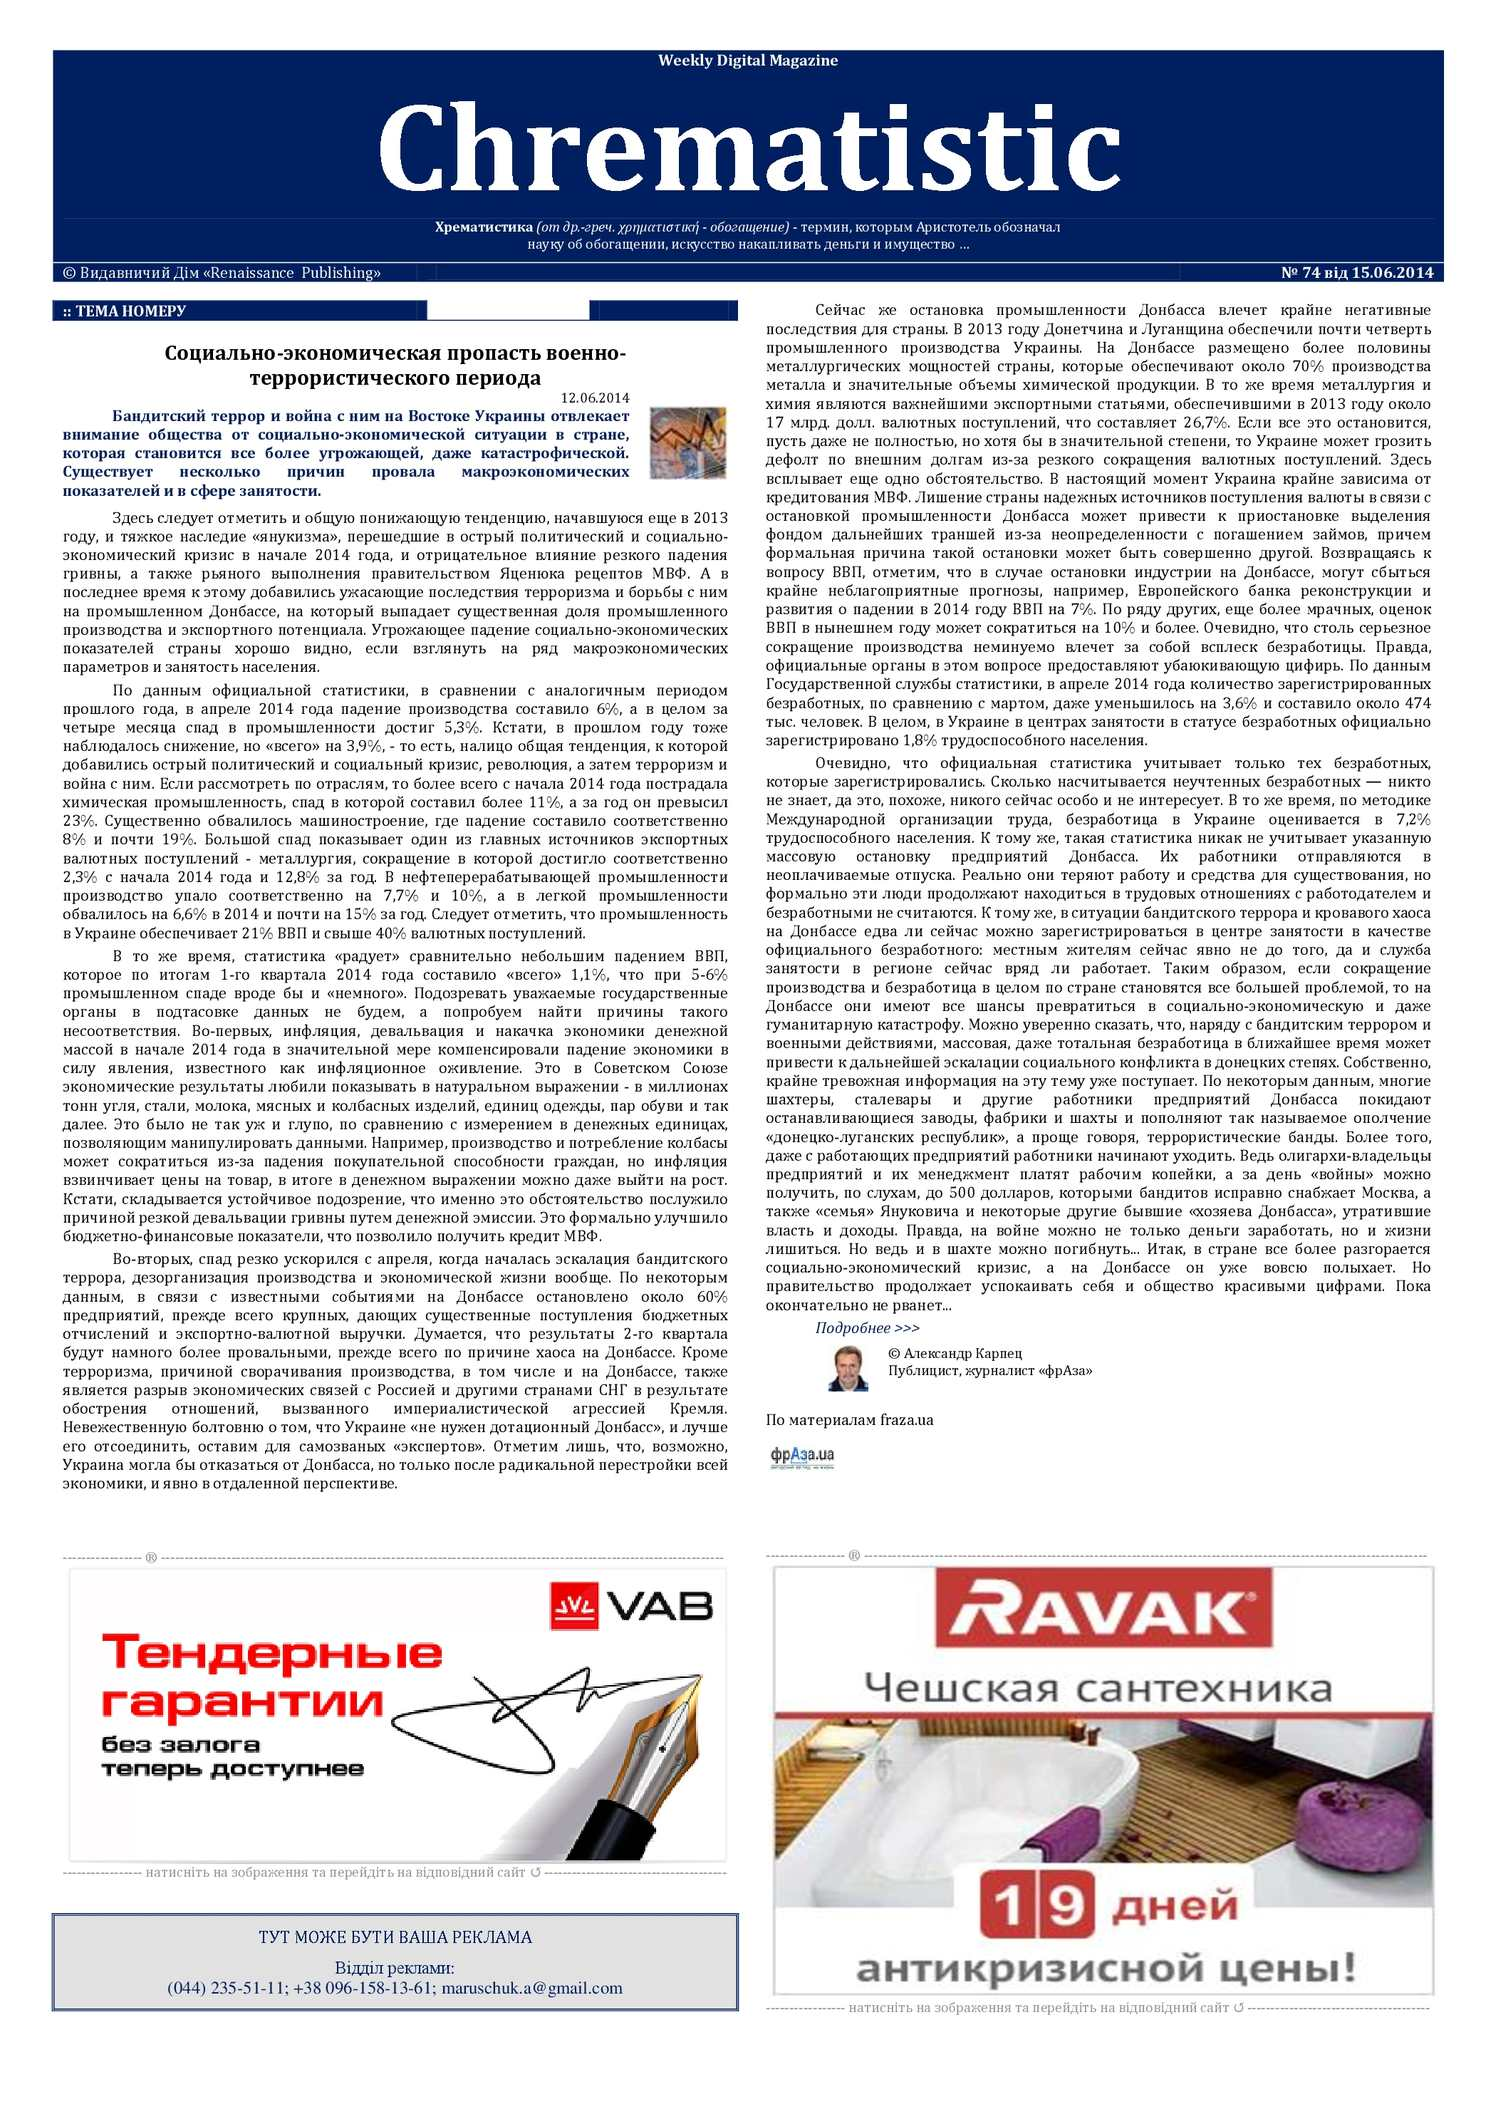 Calaméo - №74 Wdm «Chrematistic» от 15 06 2014 428b27f484d5c